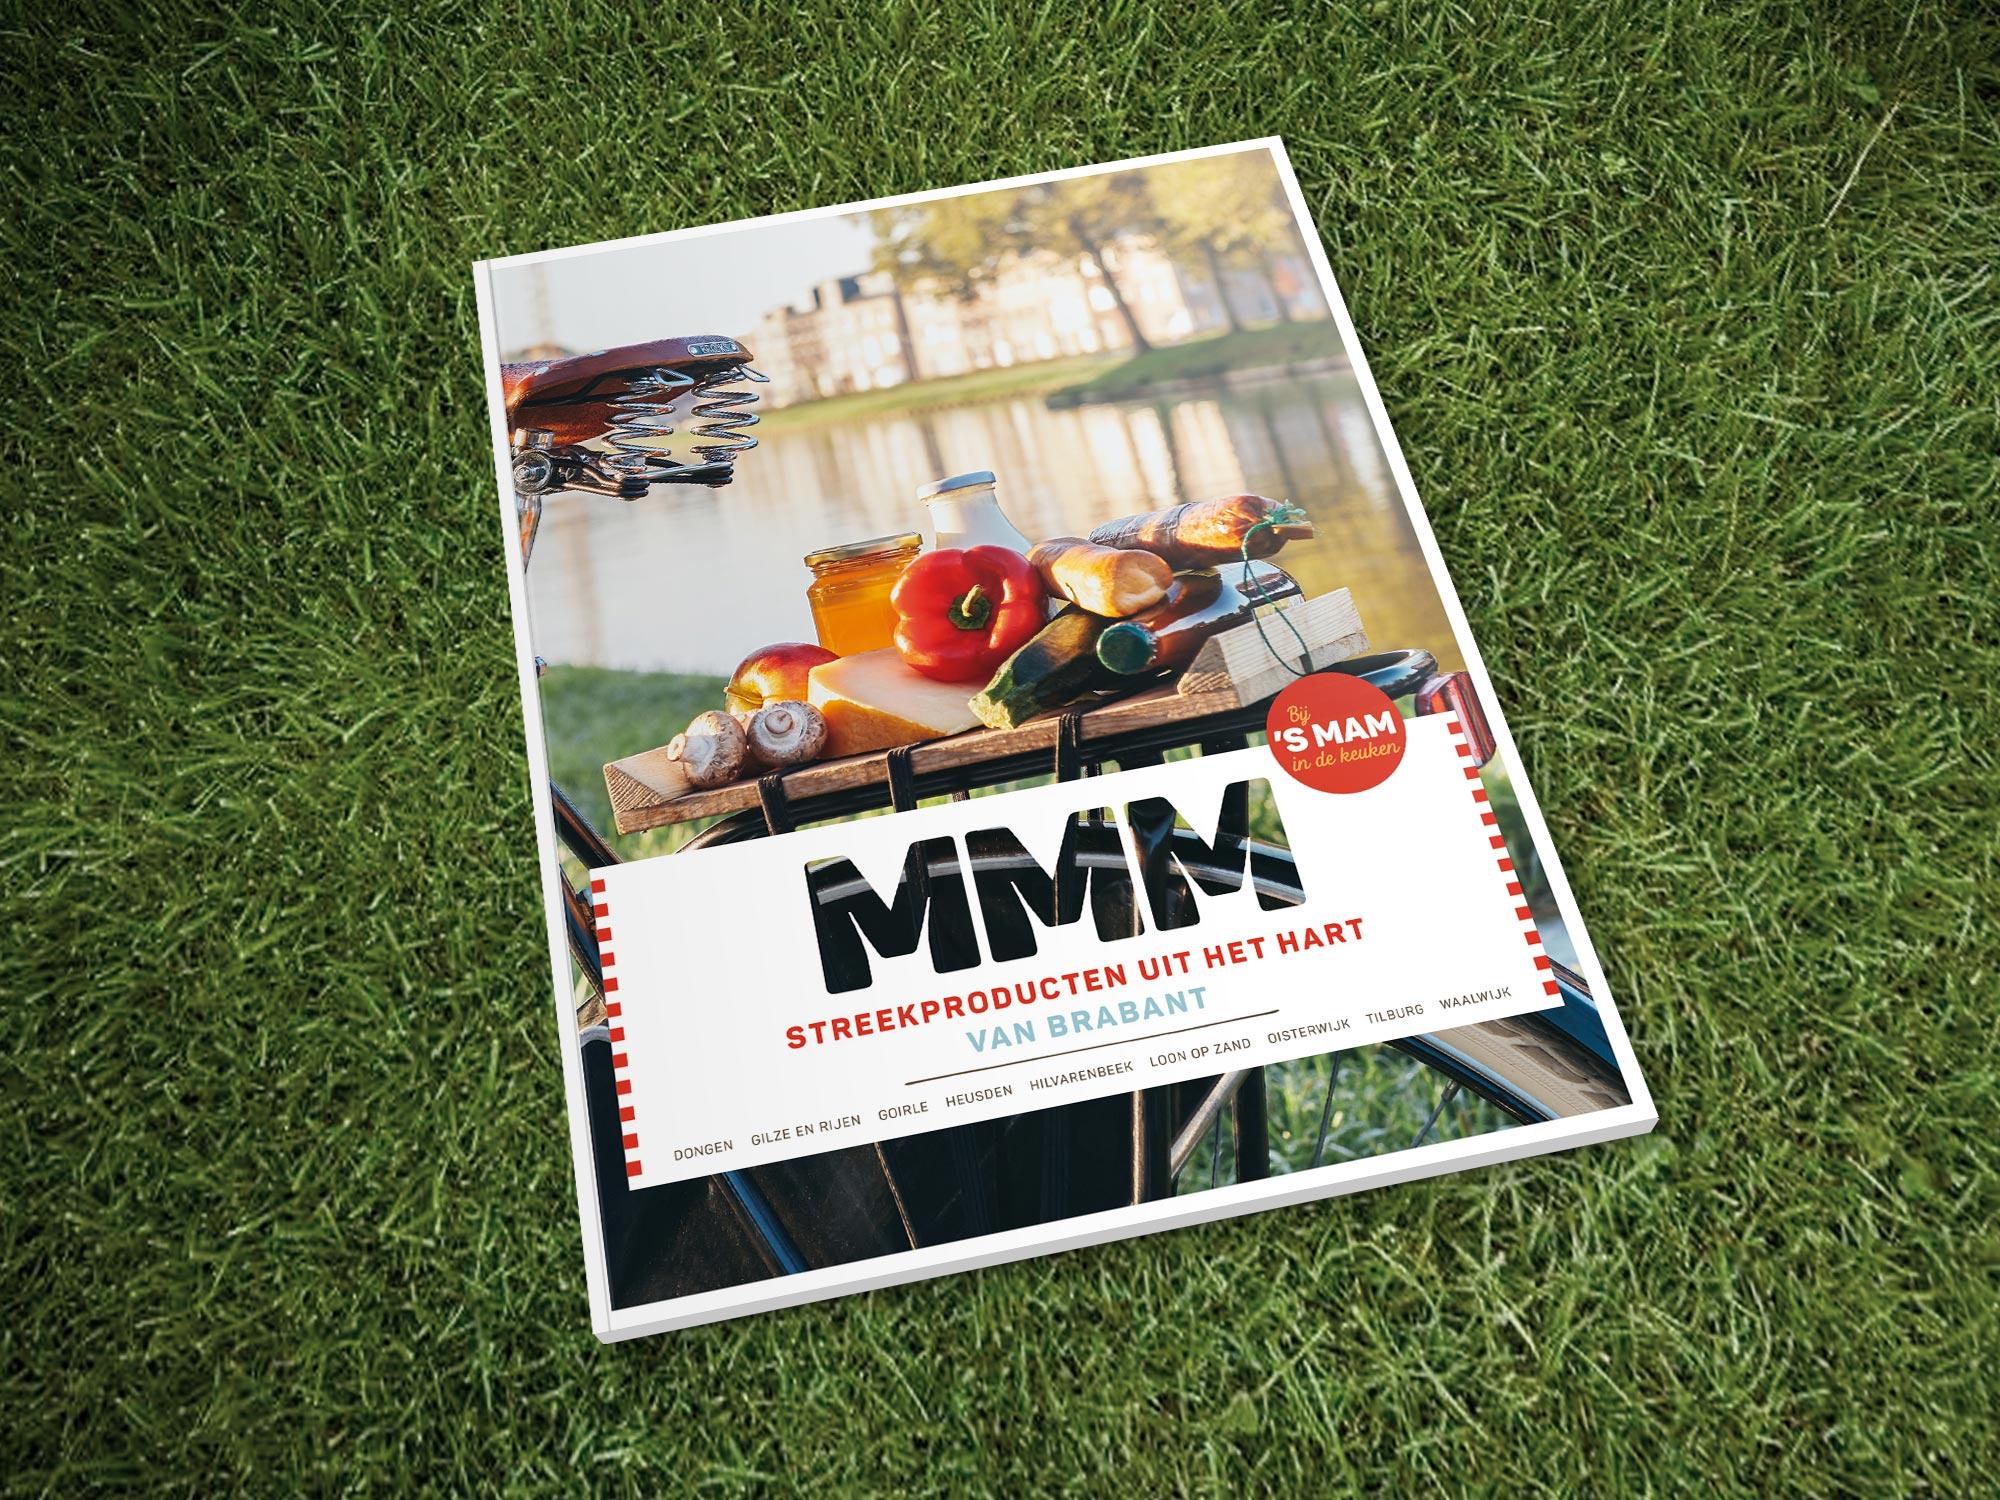 MMM streekproducten uit het Hart van Brabant Midpoint Brabant grafisch drukwerk ontwerp JAgd 1